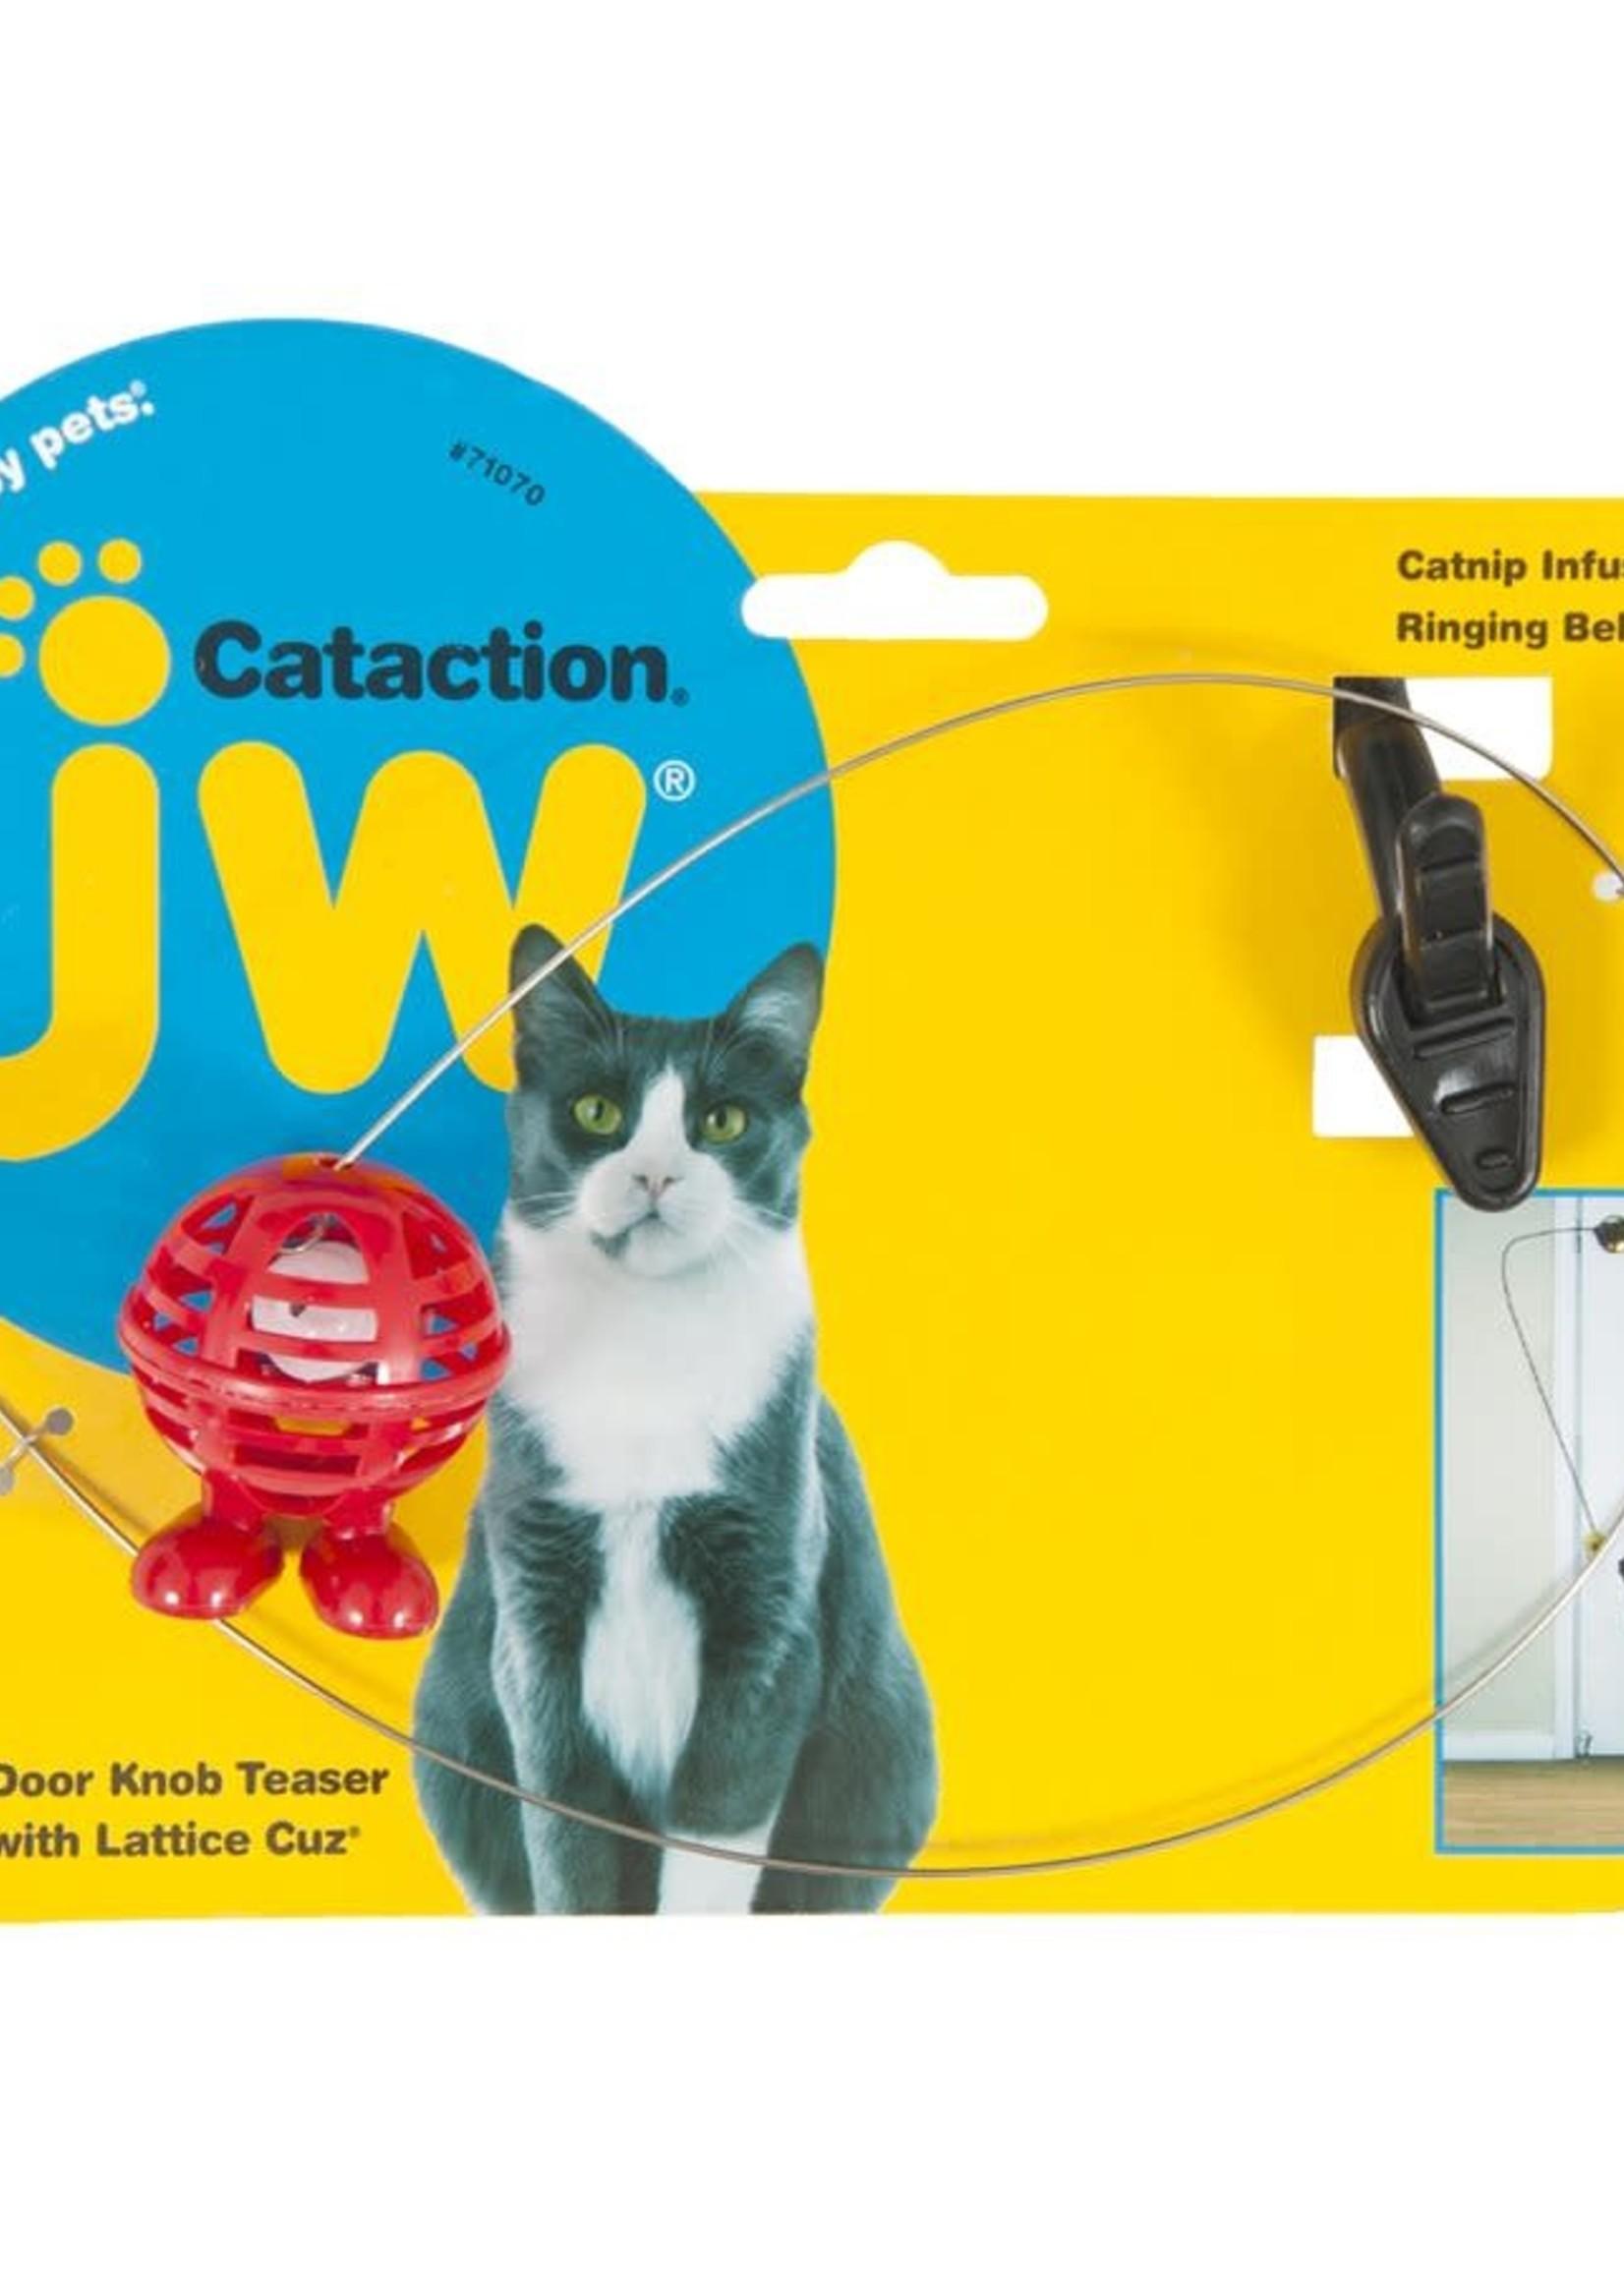 JW® Jw Cataction® Door Knob Teaser with Lattice Cuz®